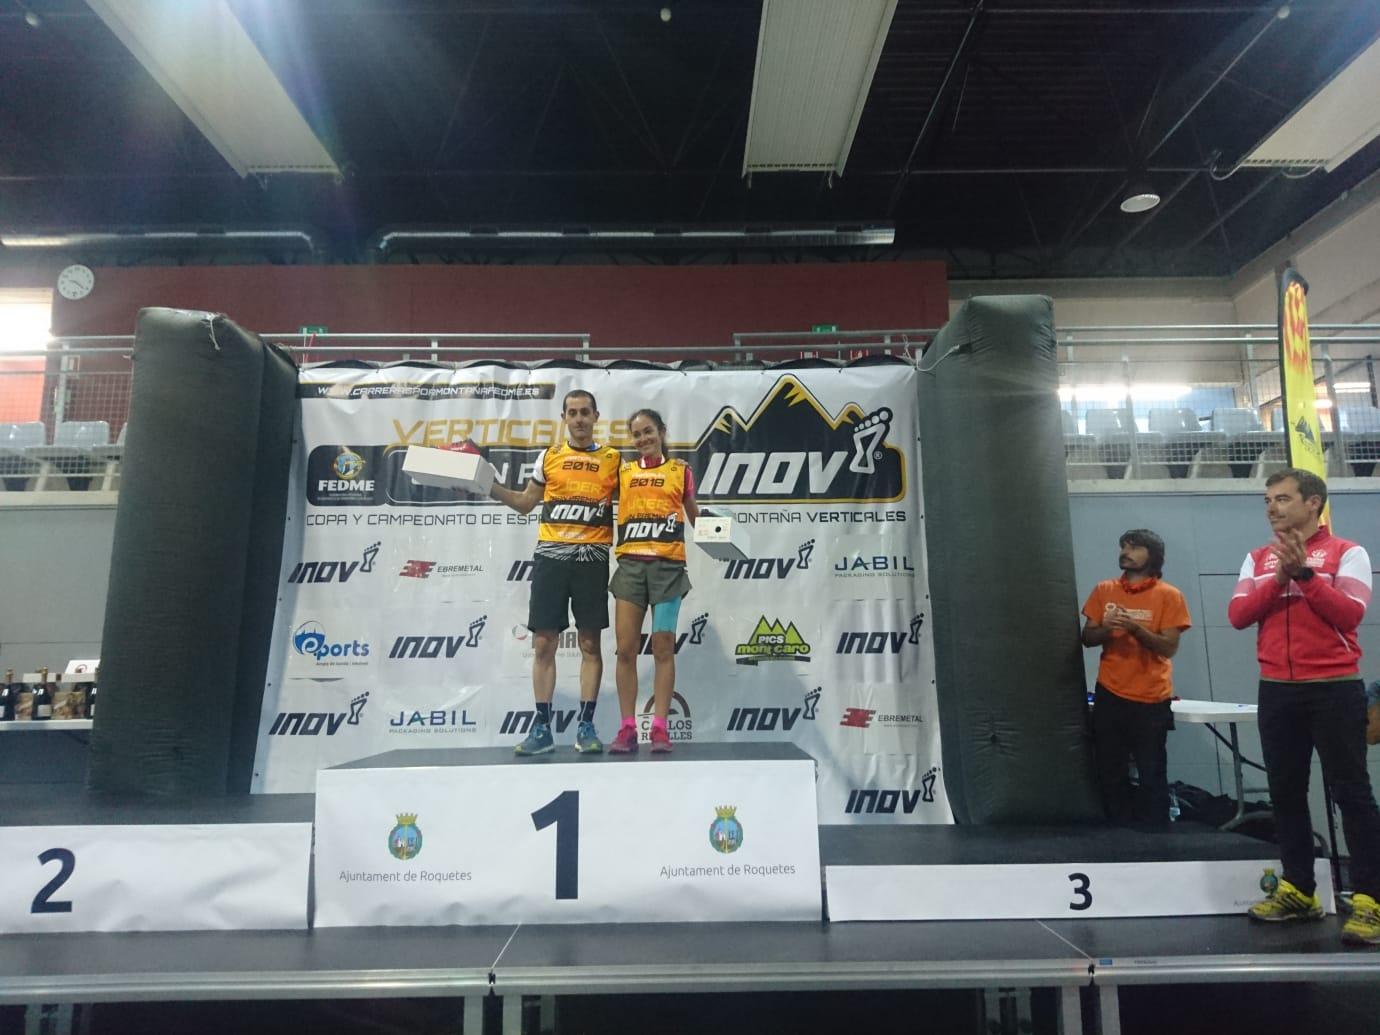 Agustí Roc y Gisela Carrión lideres de la copa de España de carreras por montaña verticales FEDME - gran premio INOV-8